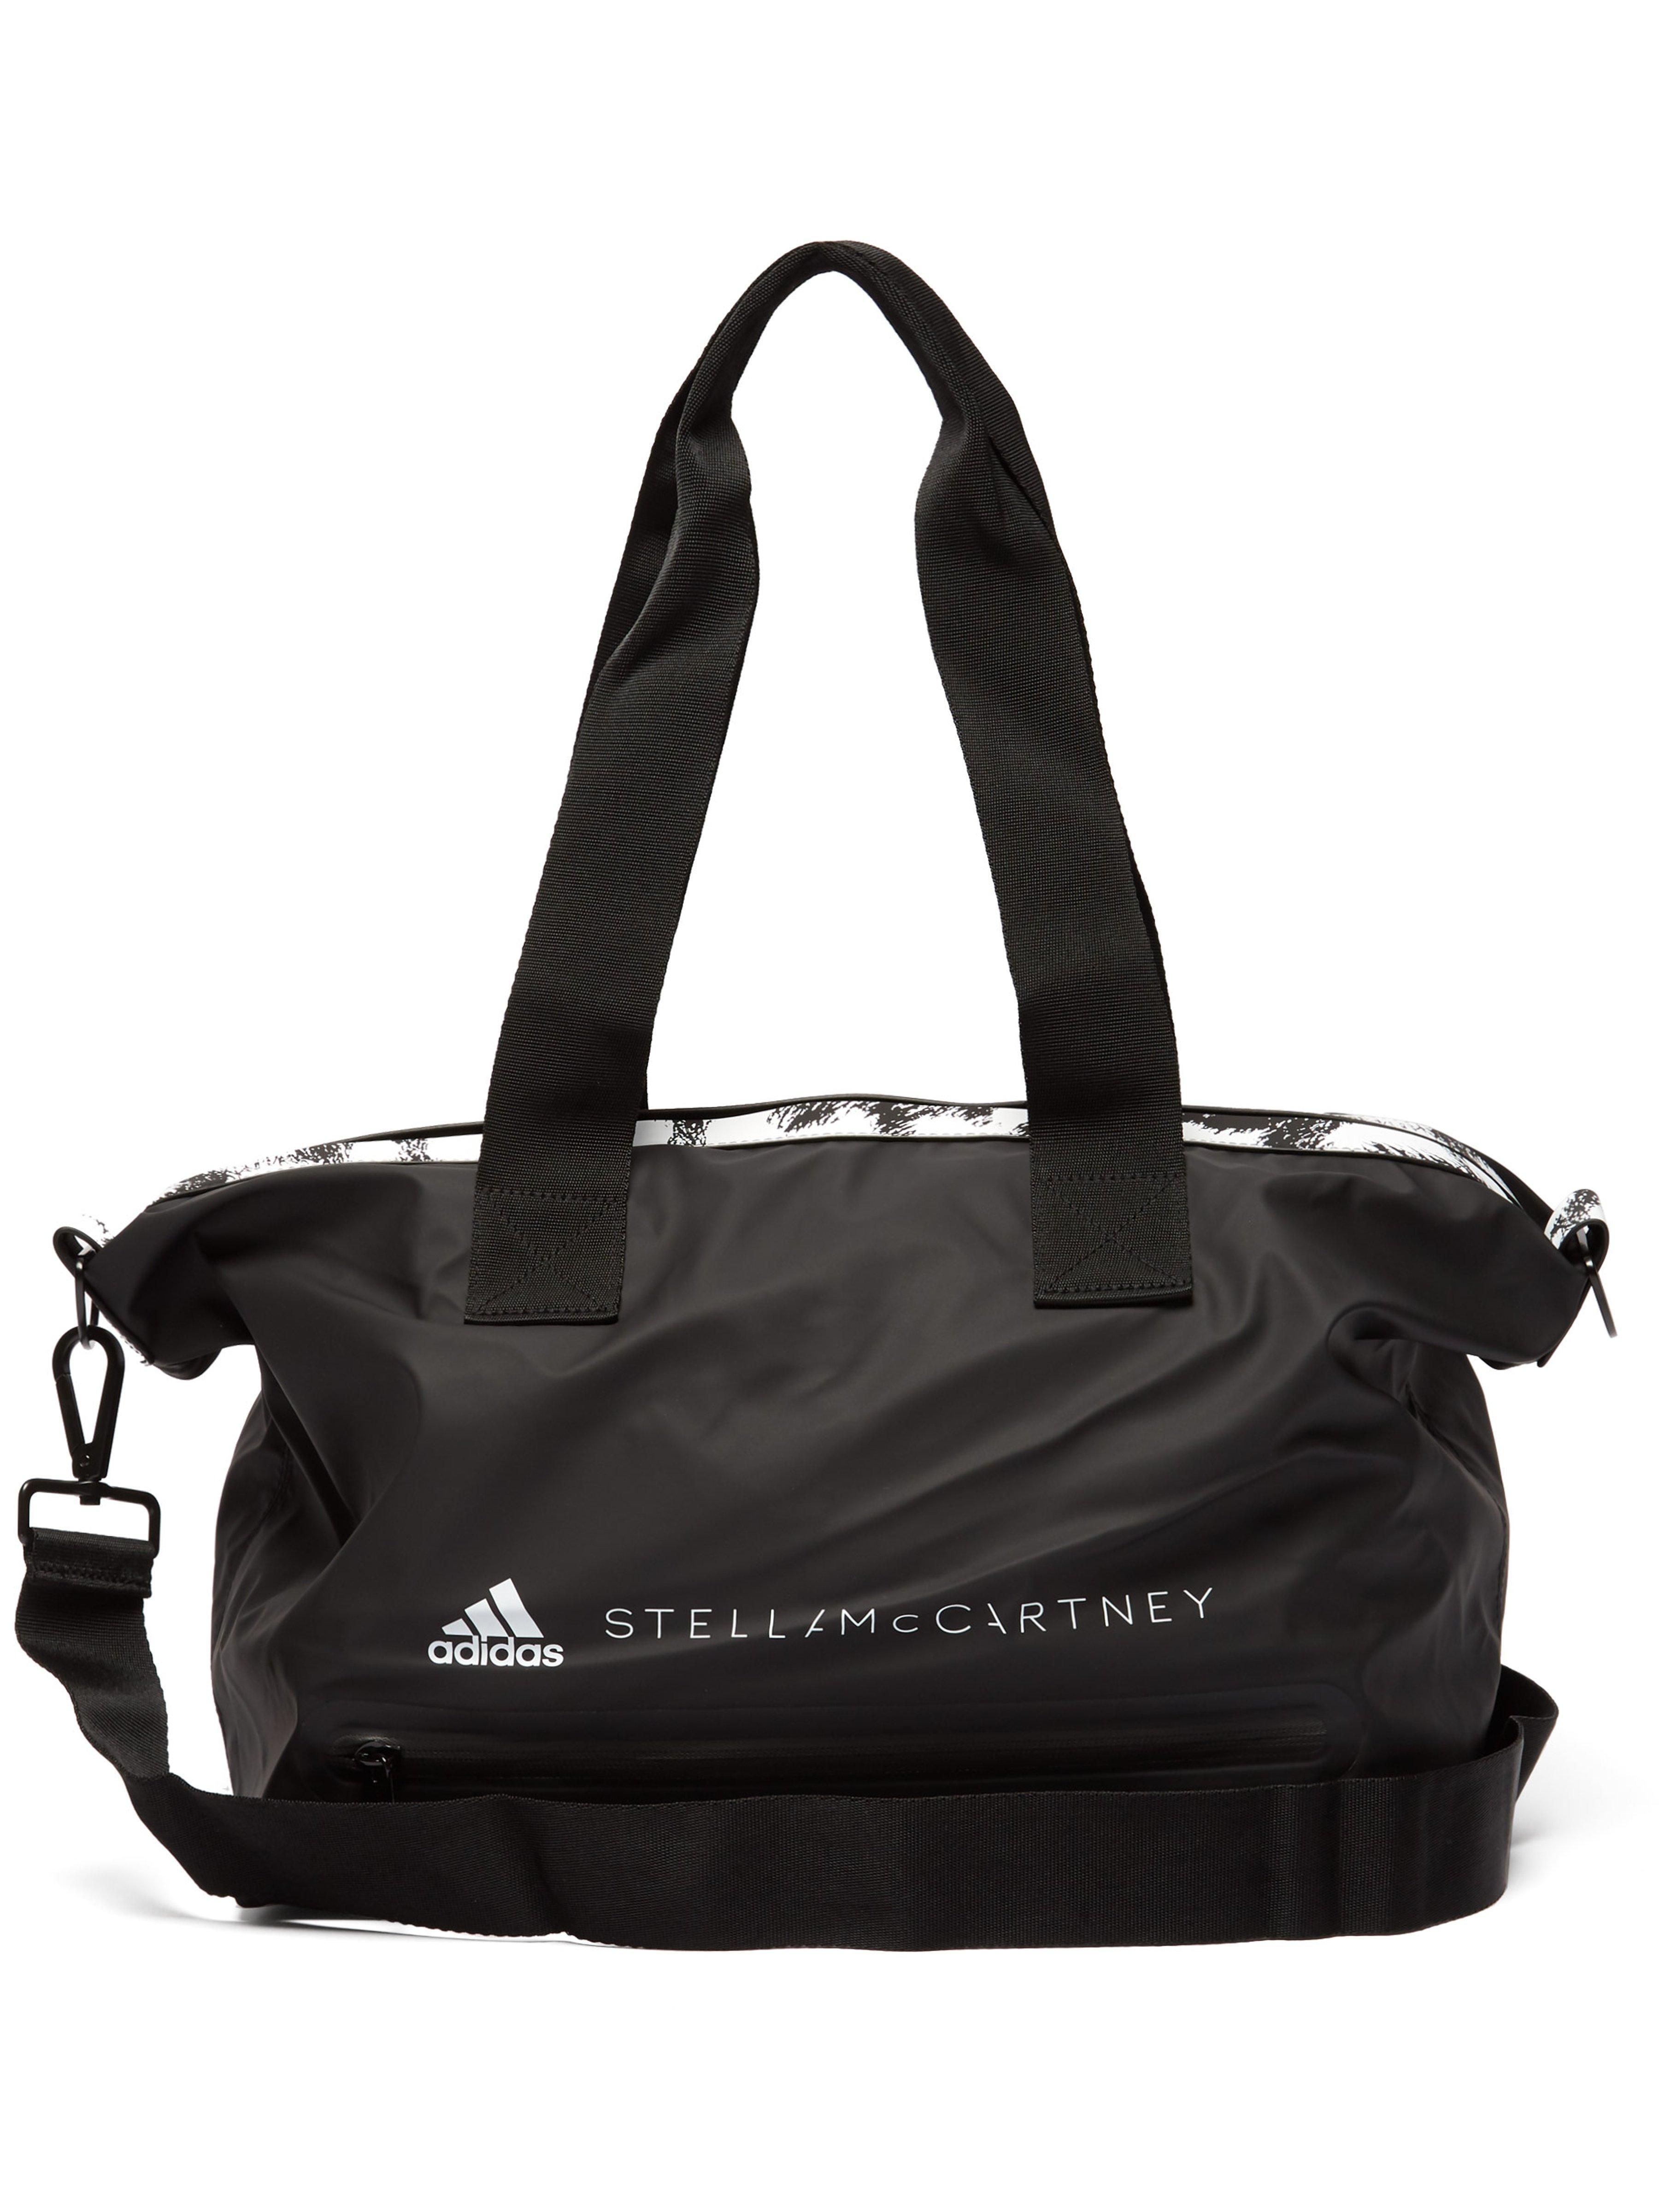 ecb9c0db82 adidas By Stella McCartney Small Leopard Trim Studio Bag in Black - Lyst